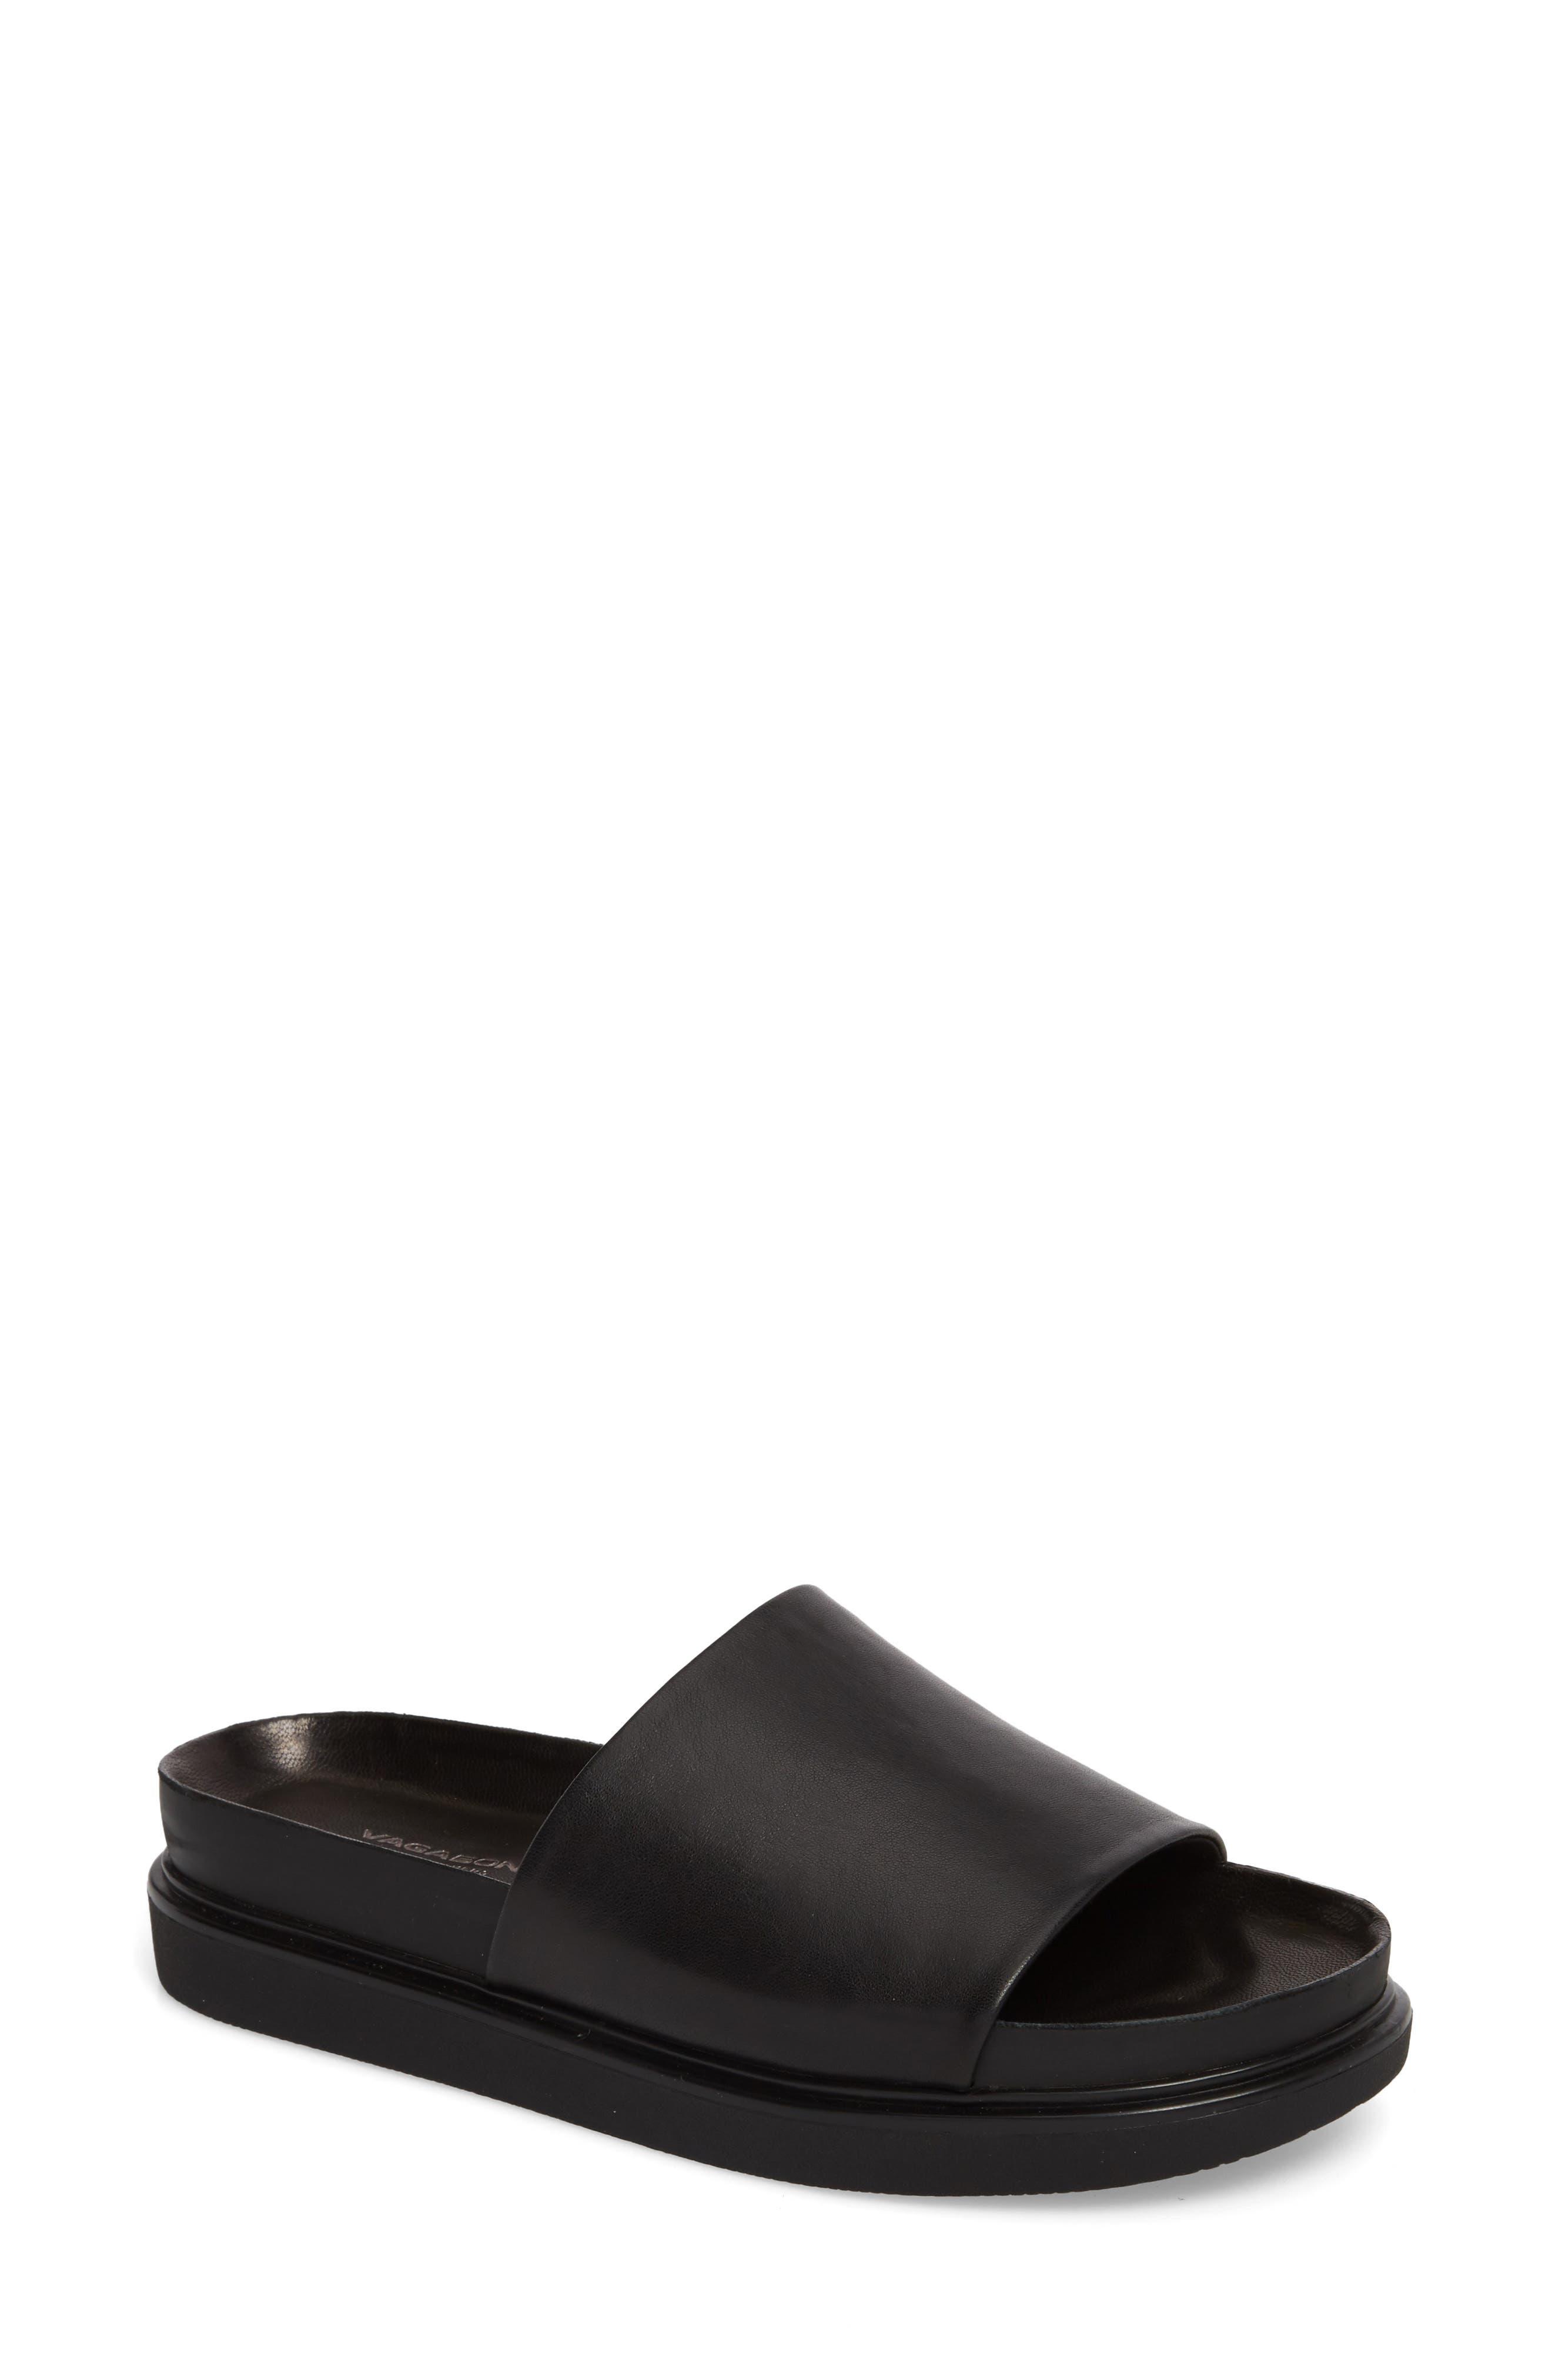 Vagabond Shoemakers Erin Slide Sandal